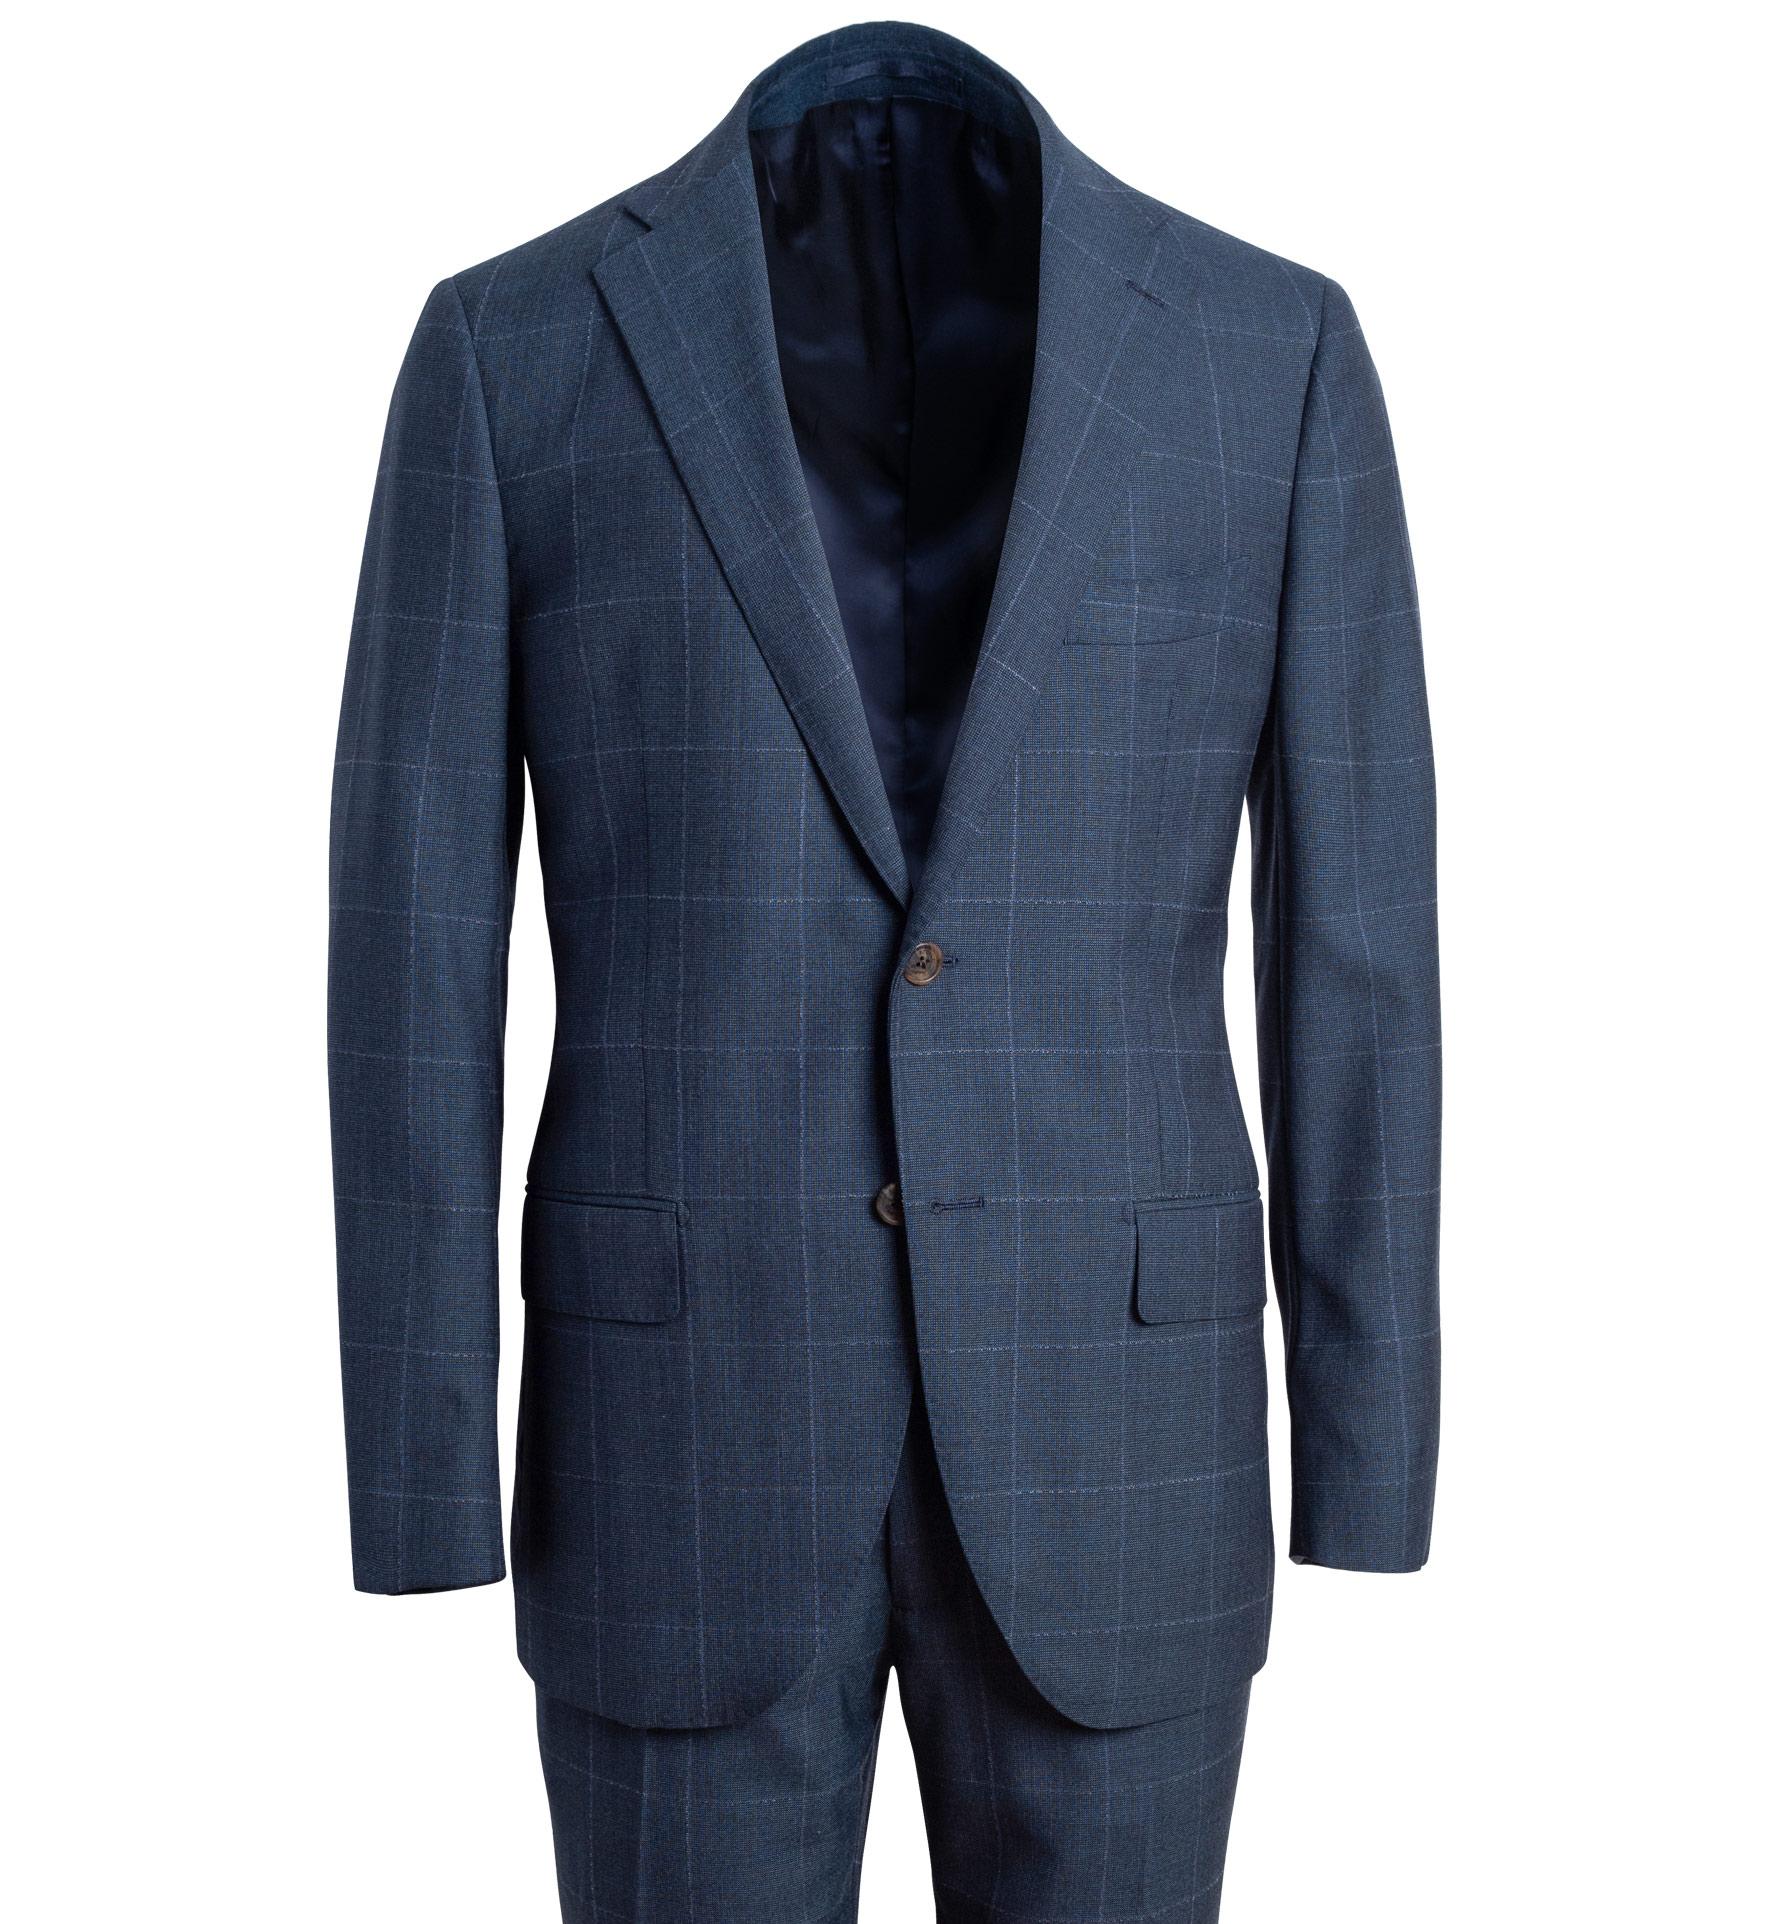 Zoom Image of Allen Blue S130s Windowpane Suit